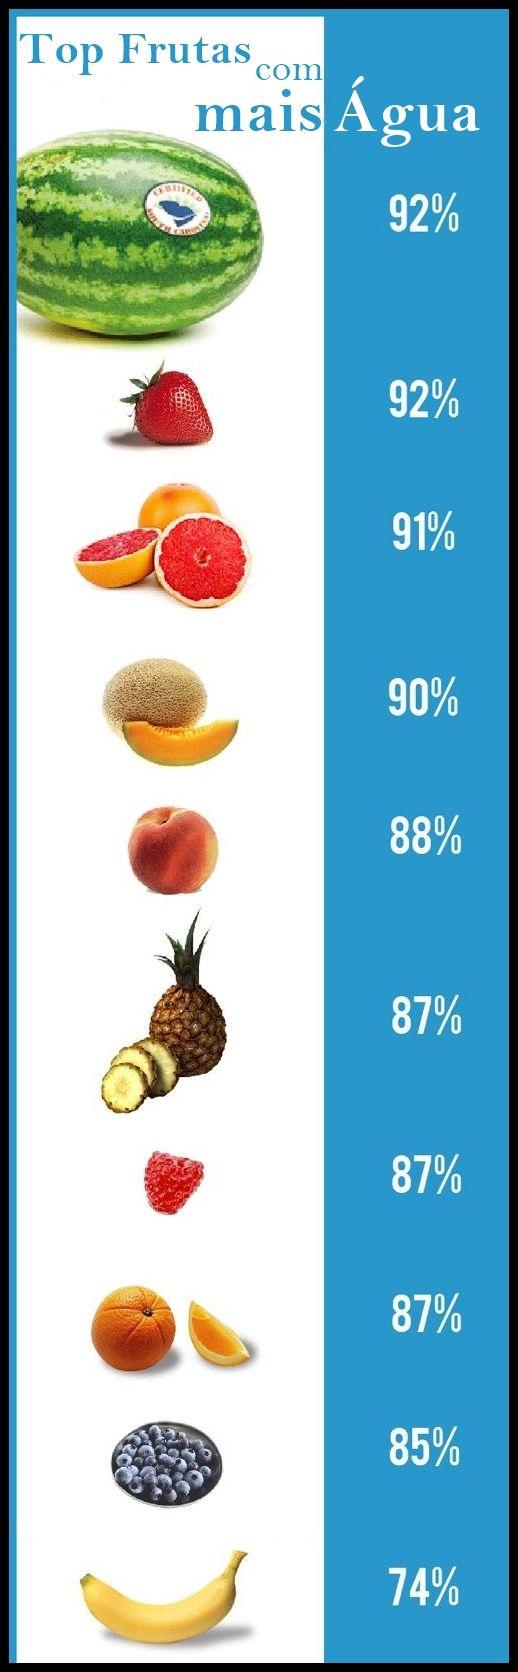 Os 15 Principais Alimentos Detox Para Incluir no Cardápio  #saude  #salud  #health  #água  #water  #dicas